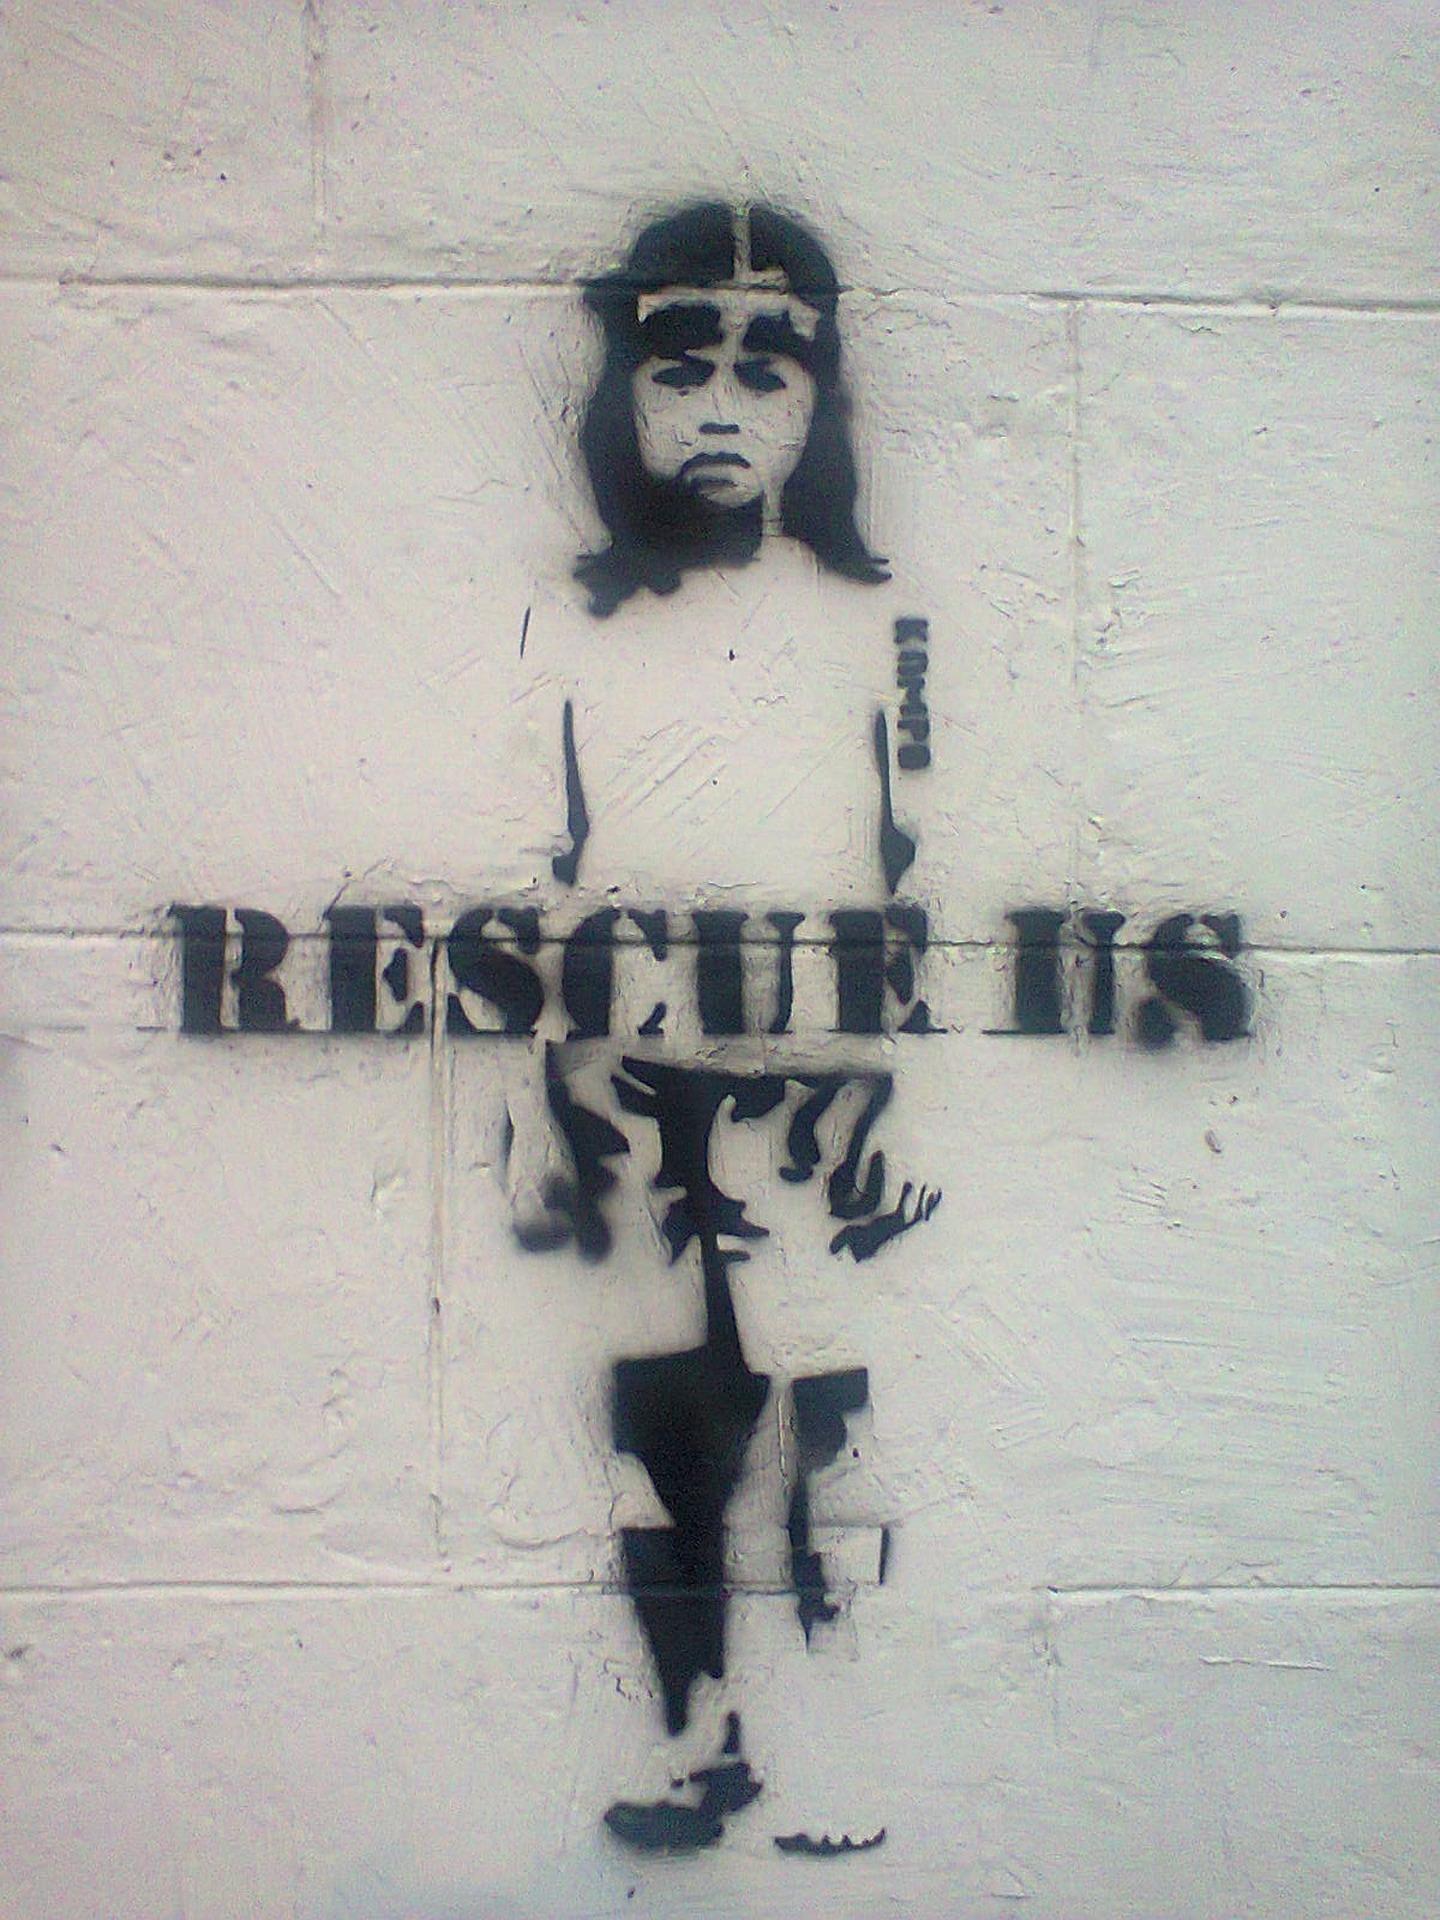 graffiti-671583_1920